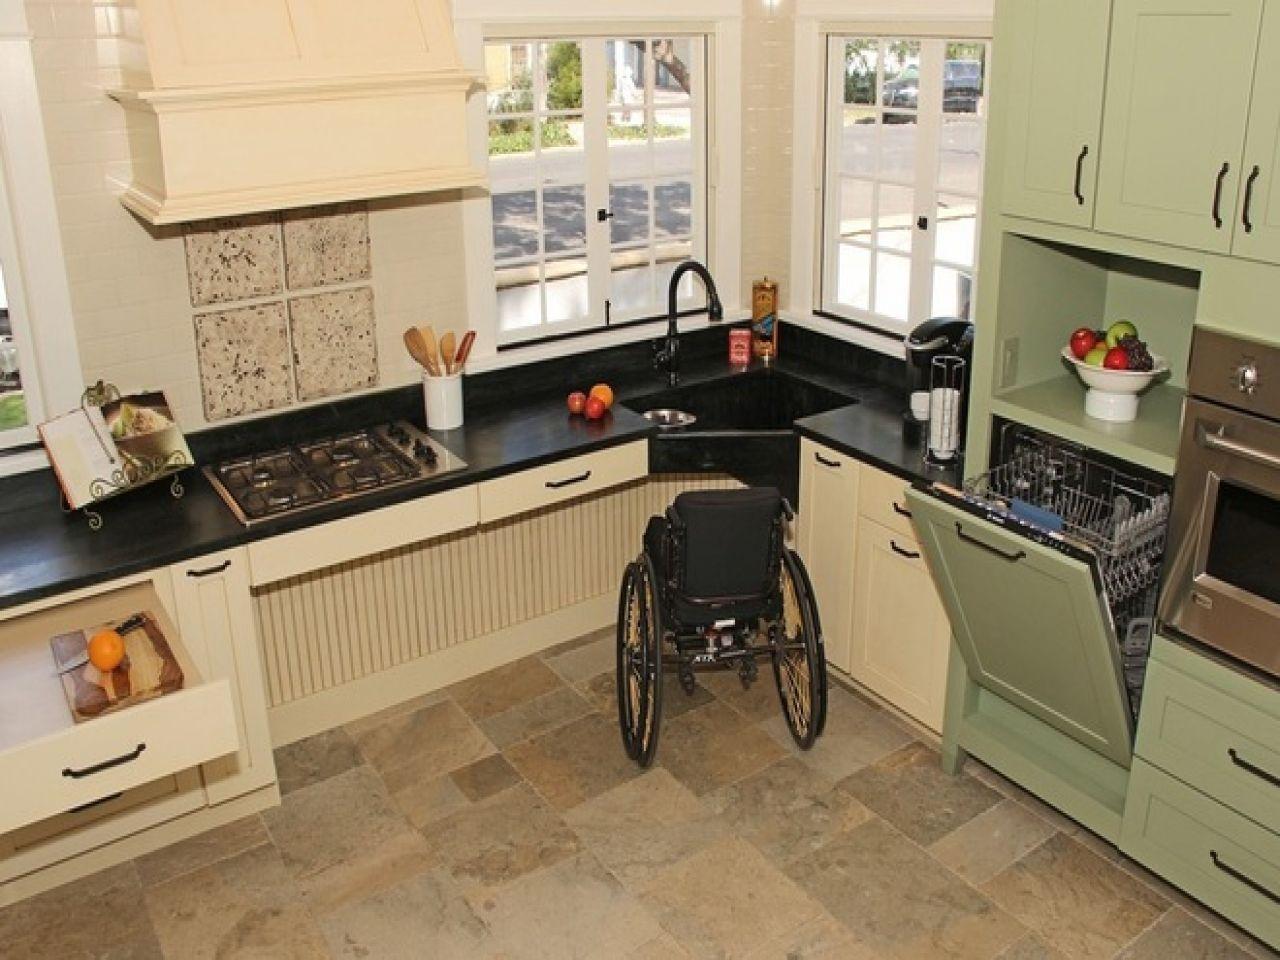 Designer Sinks Kitchens Wheelchair Accessible Kitchen Design